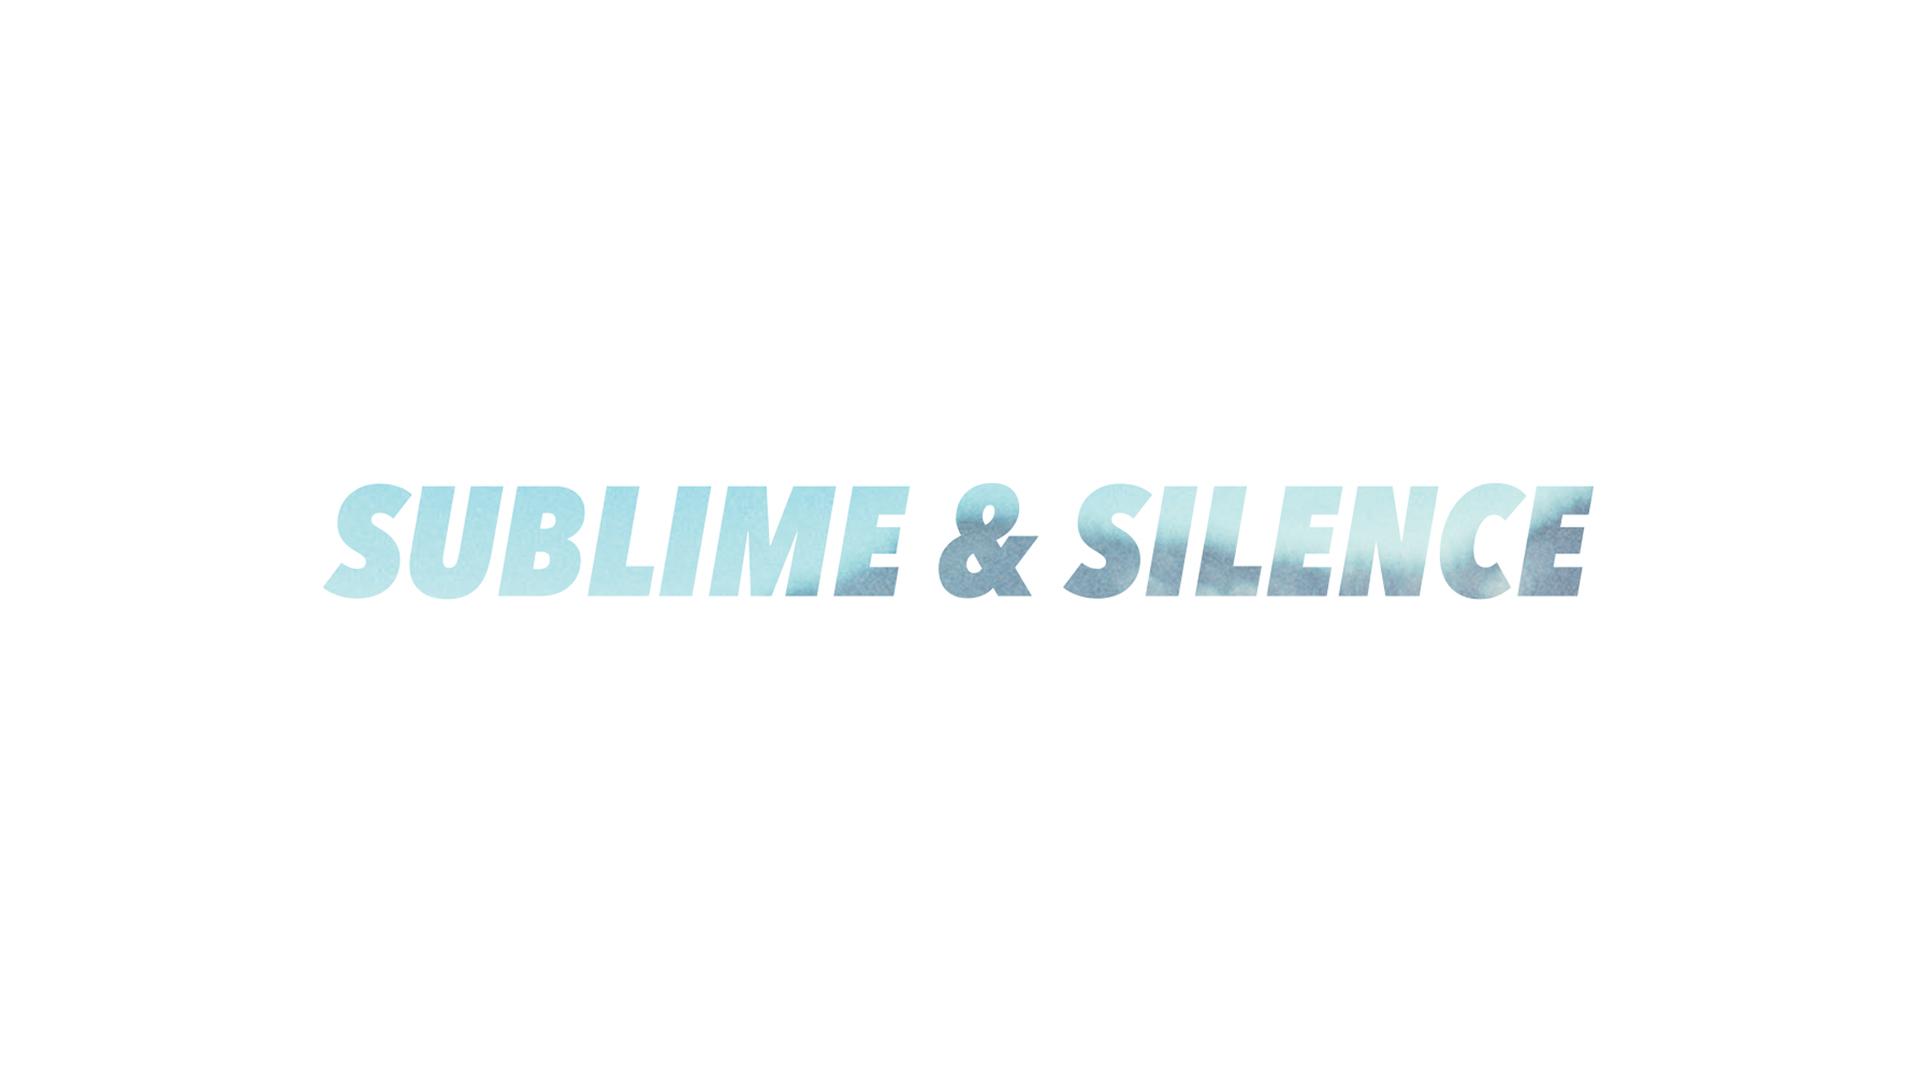 Sublime & silence